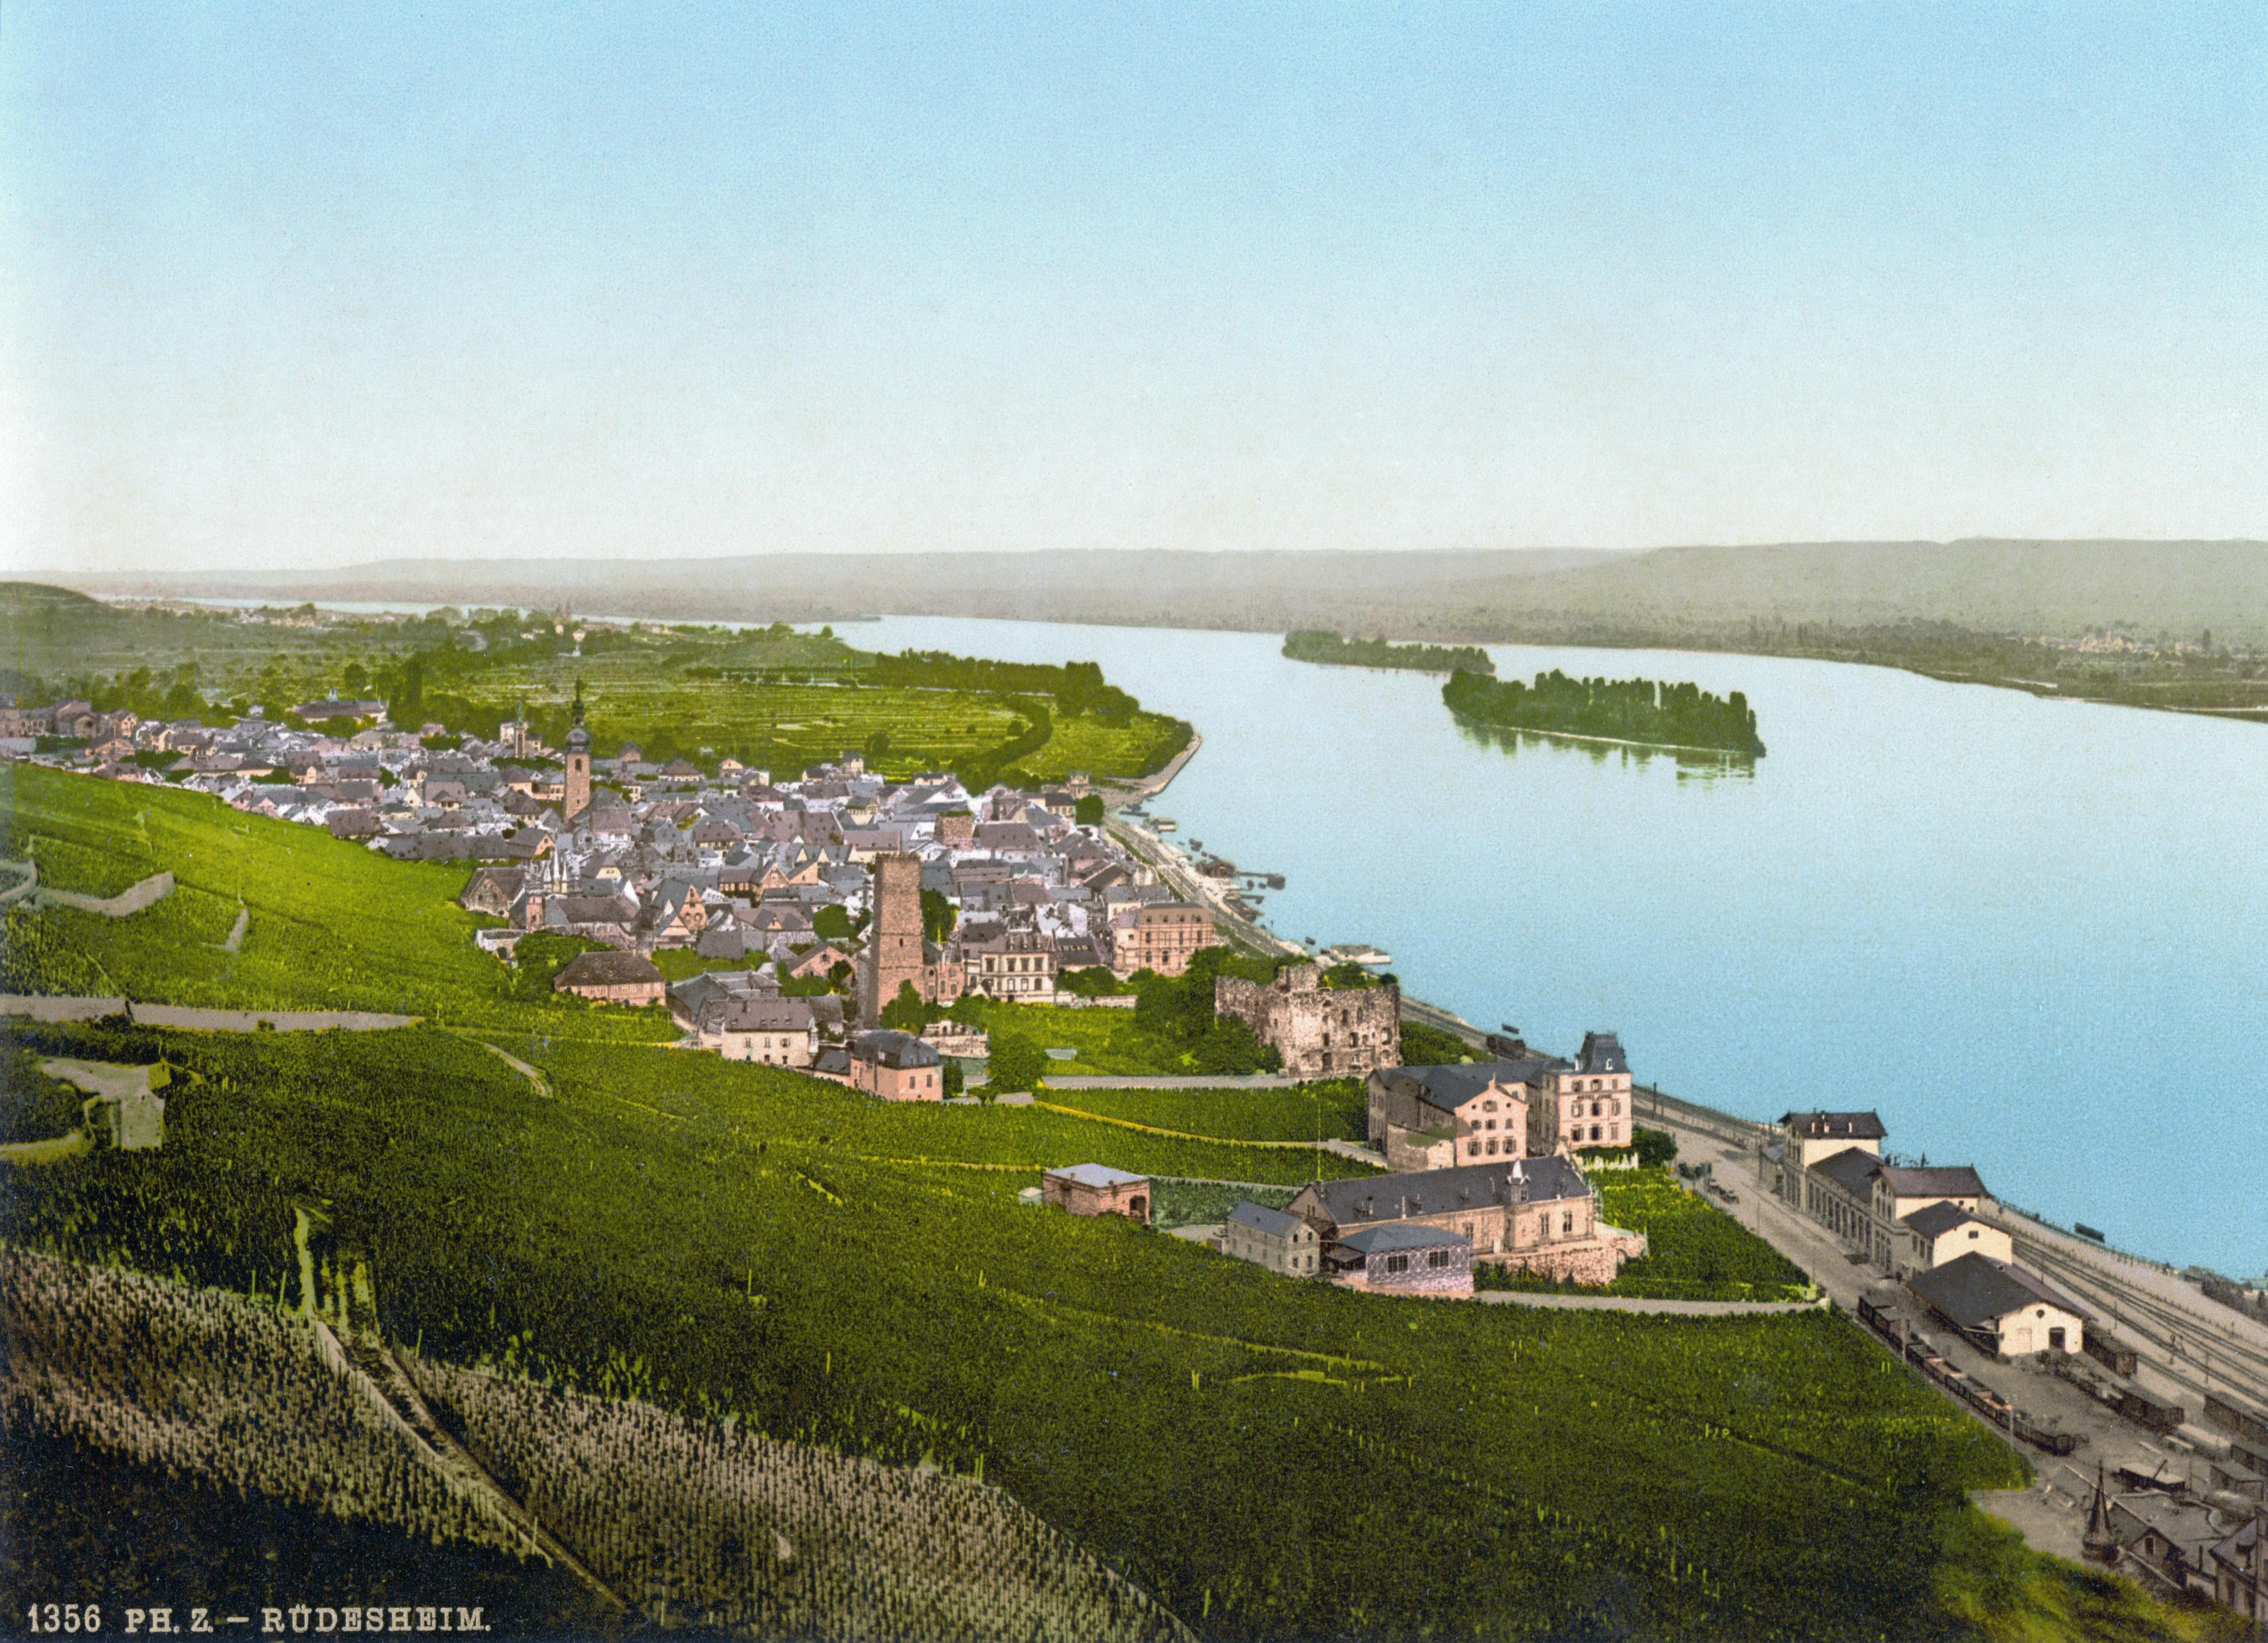 File:Ruedesheim 1900.jpg - Wikimedia Commons